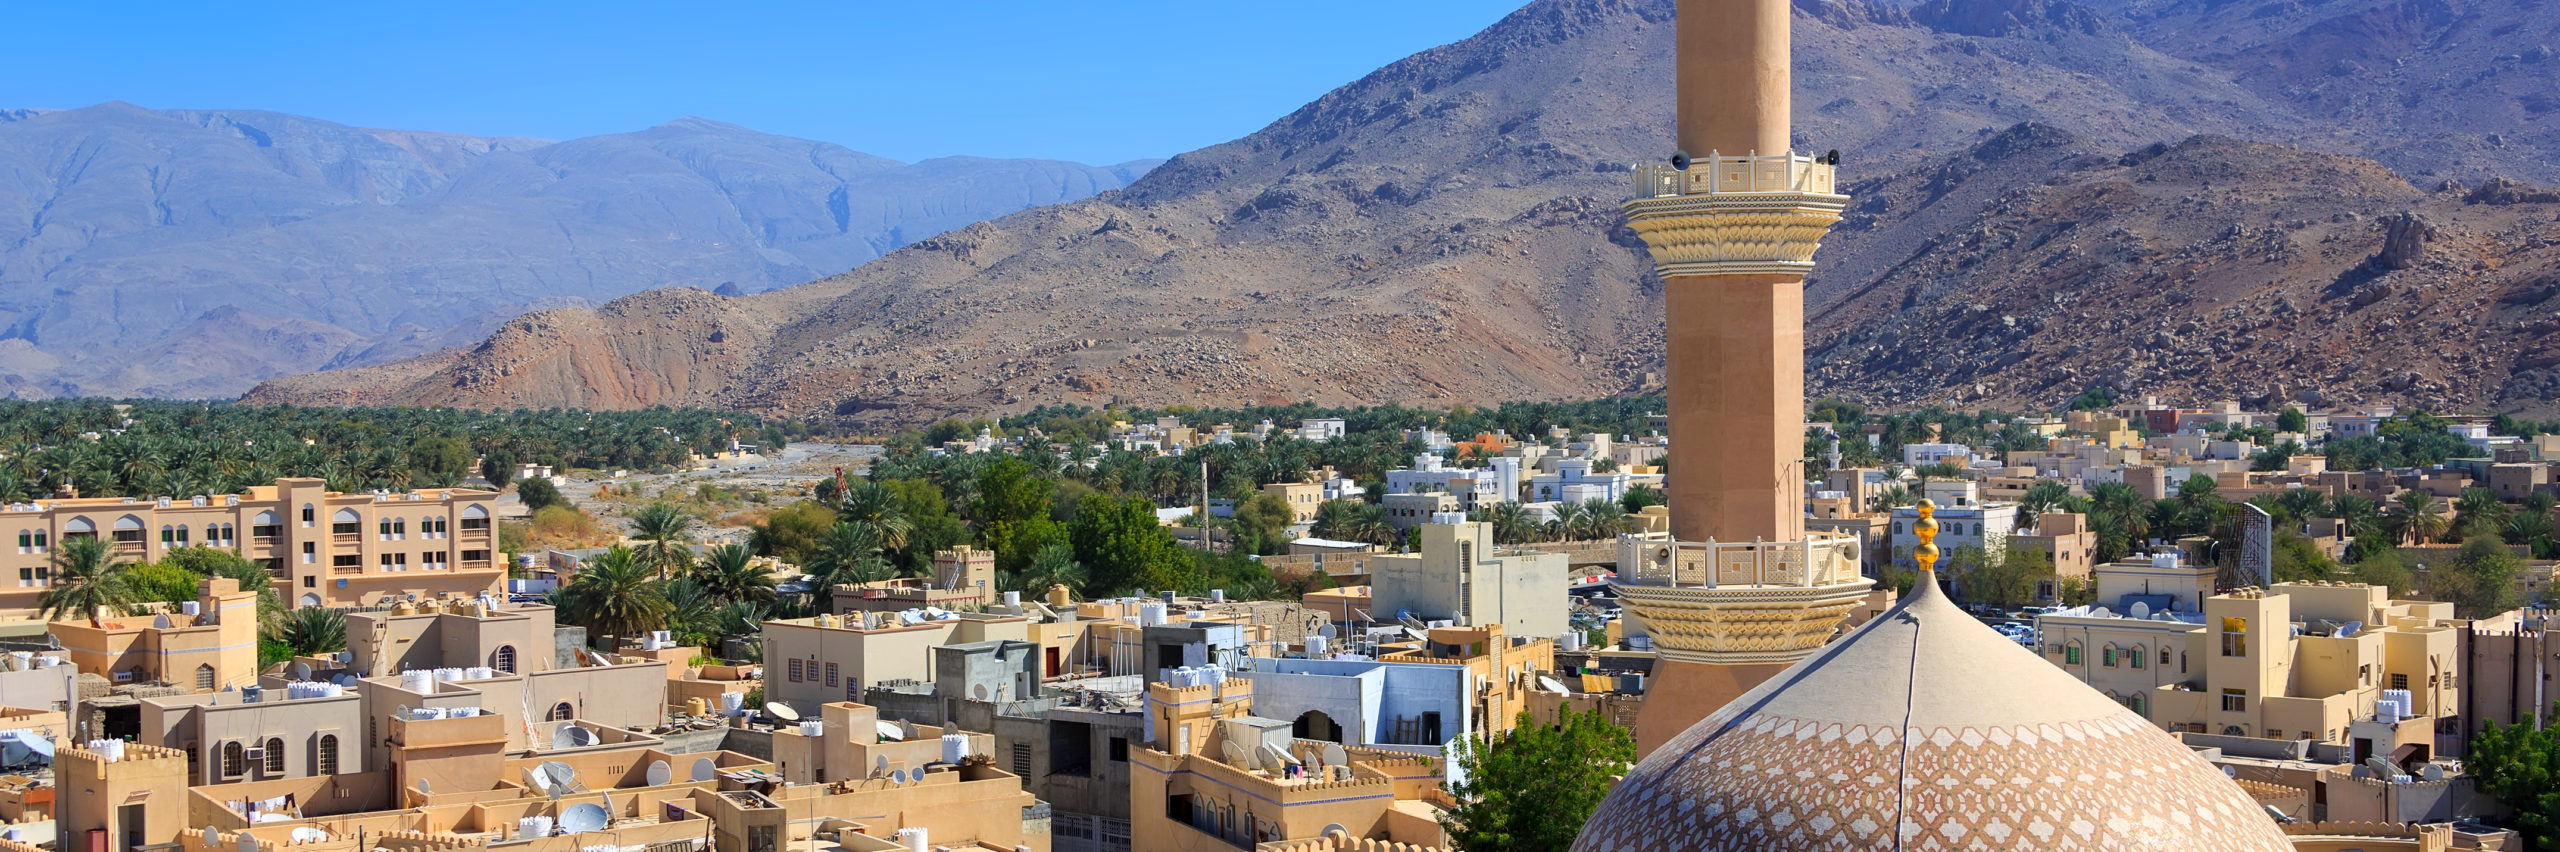 Panorama of Nizwa, Oman